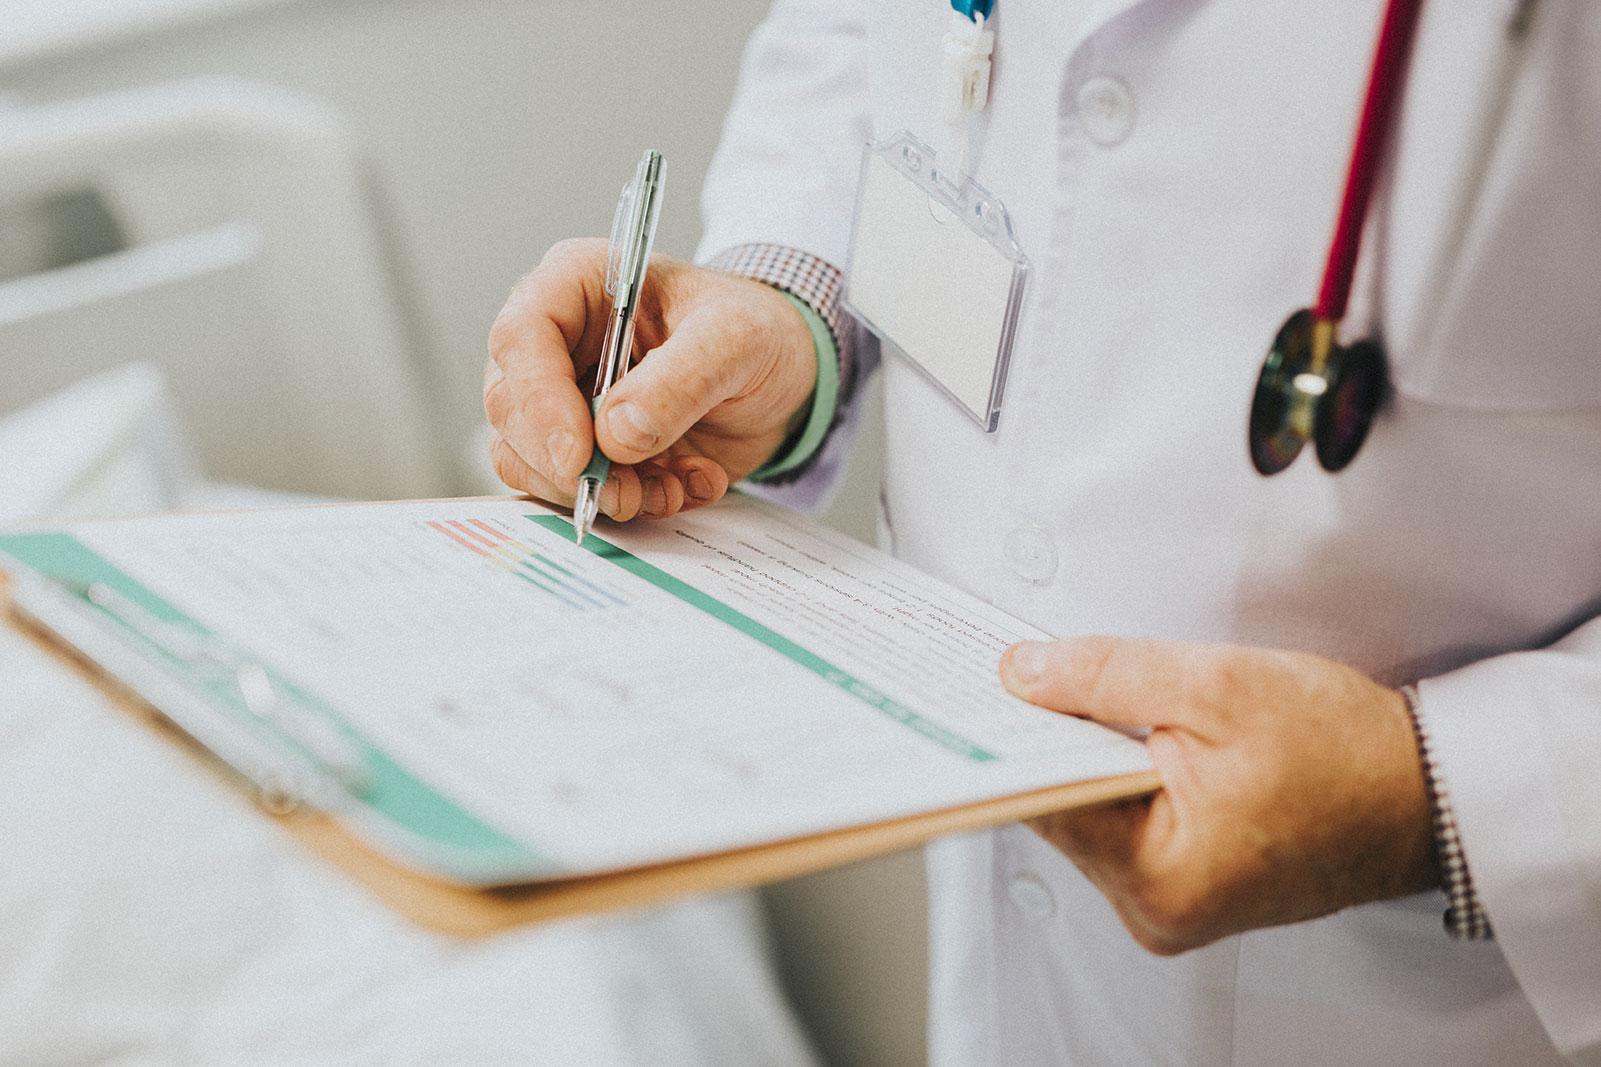 medico-in-azienda